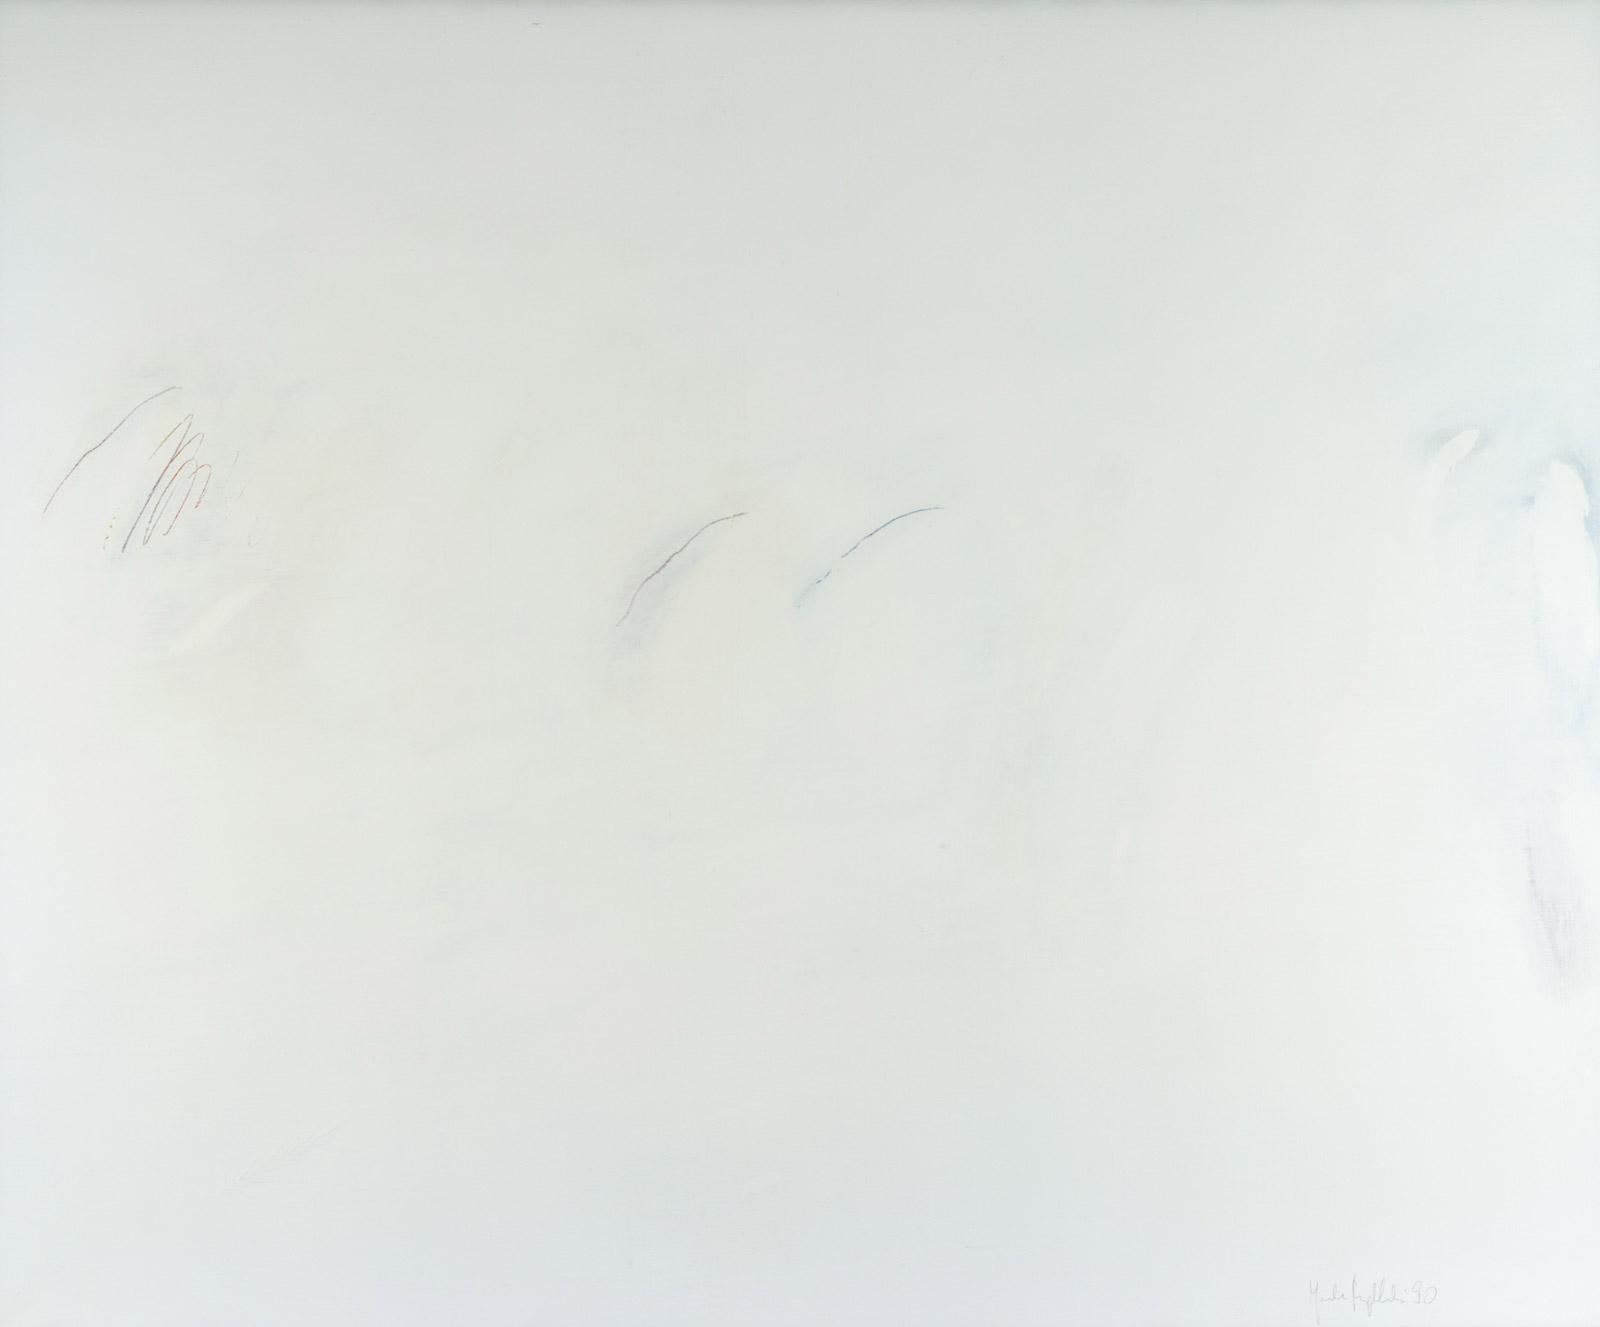 Bez tytułu 3/1990 Jacek Mydlarski